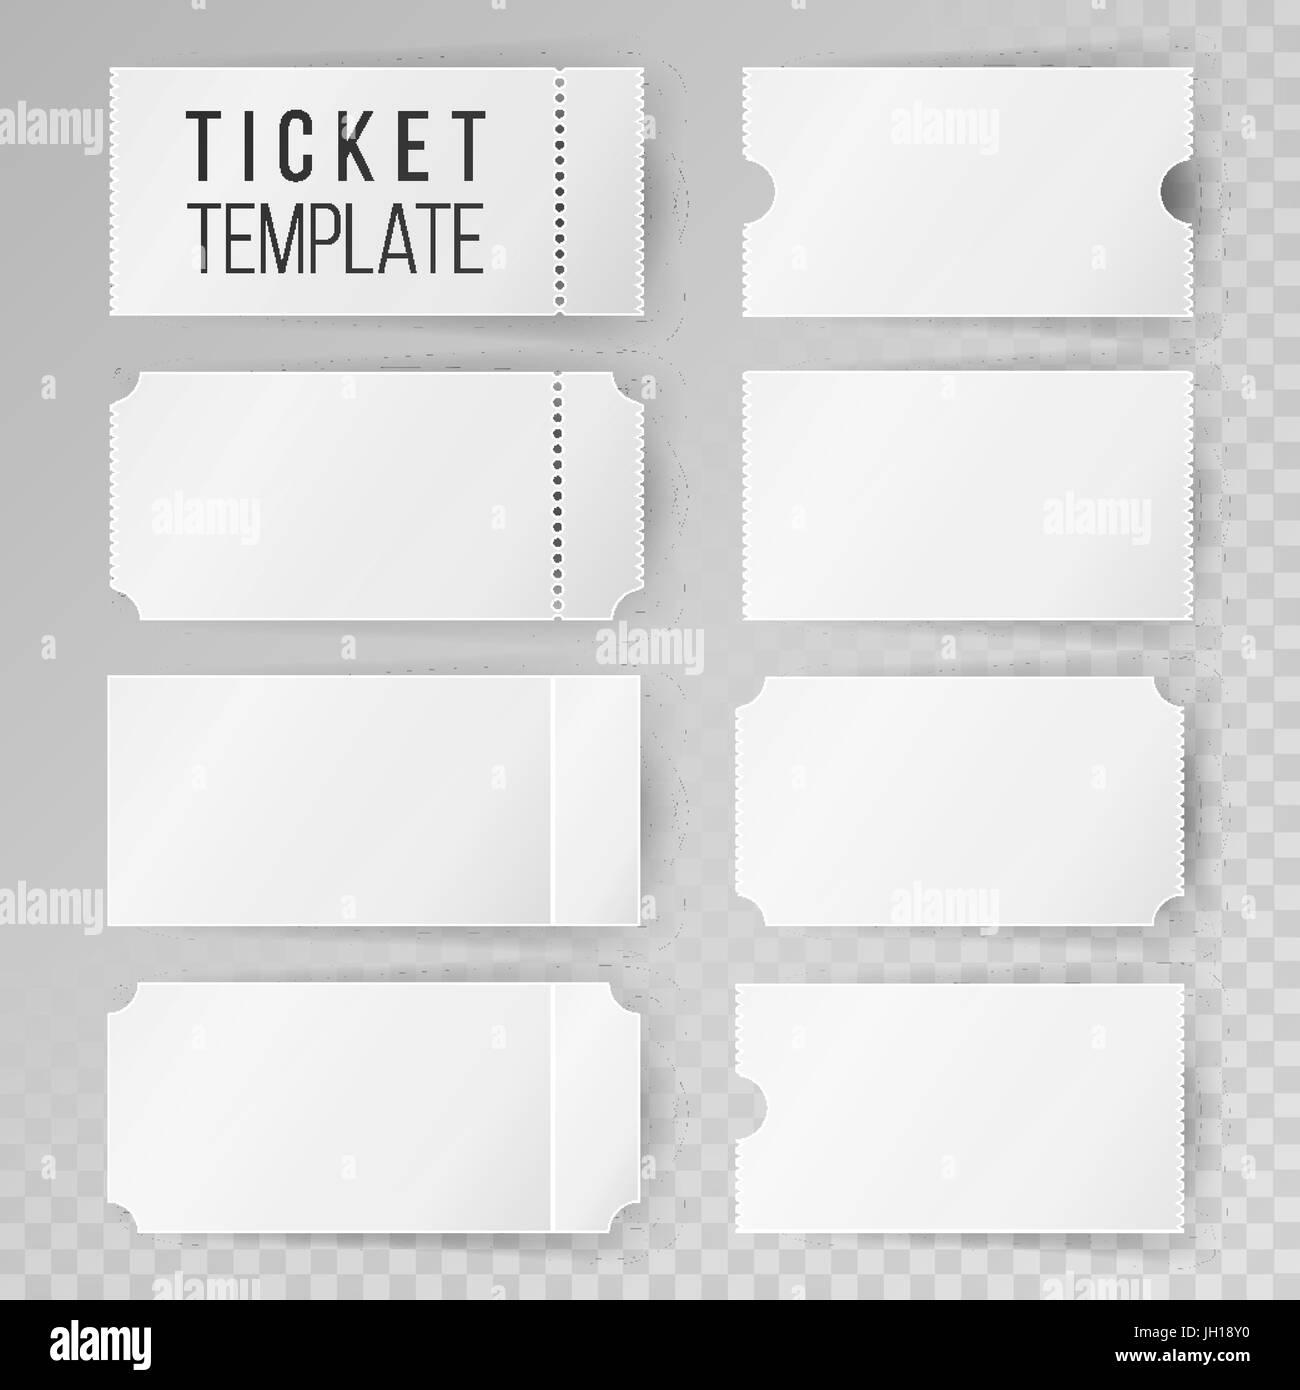 Nett Ereignis Ticket Vorlage Wort Galerie - Entry Level Resume ...